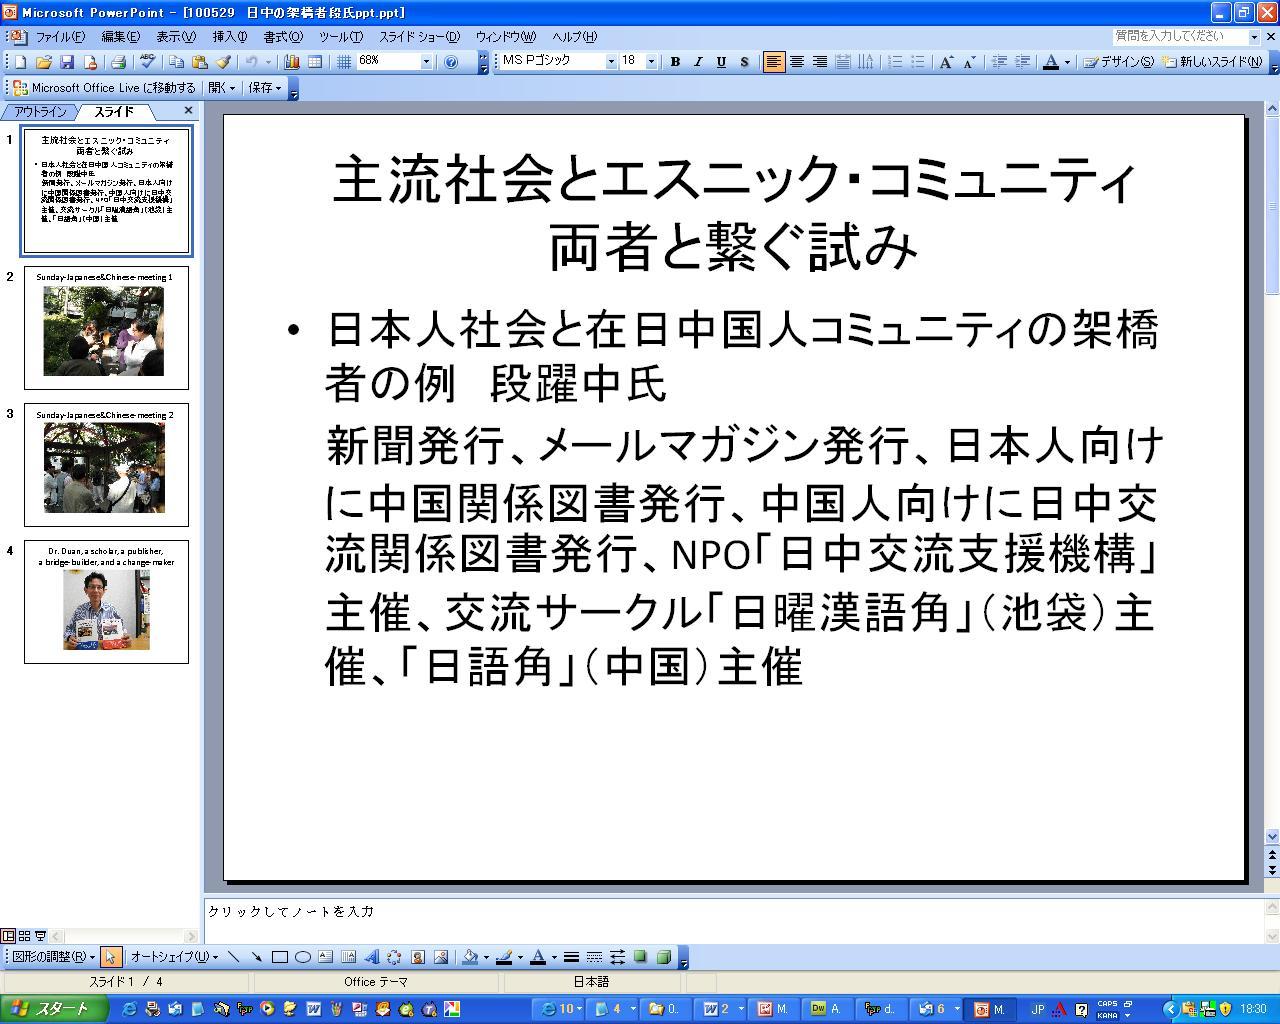 白水繁彦教授 オーストラリア学会主催の講演会で漢語角を紹介_d0027795_18353863.jpg